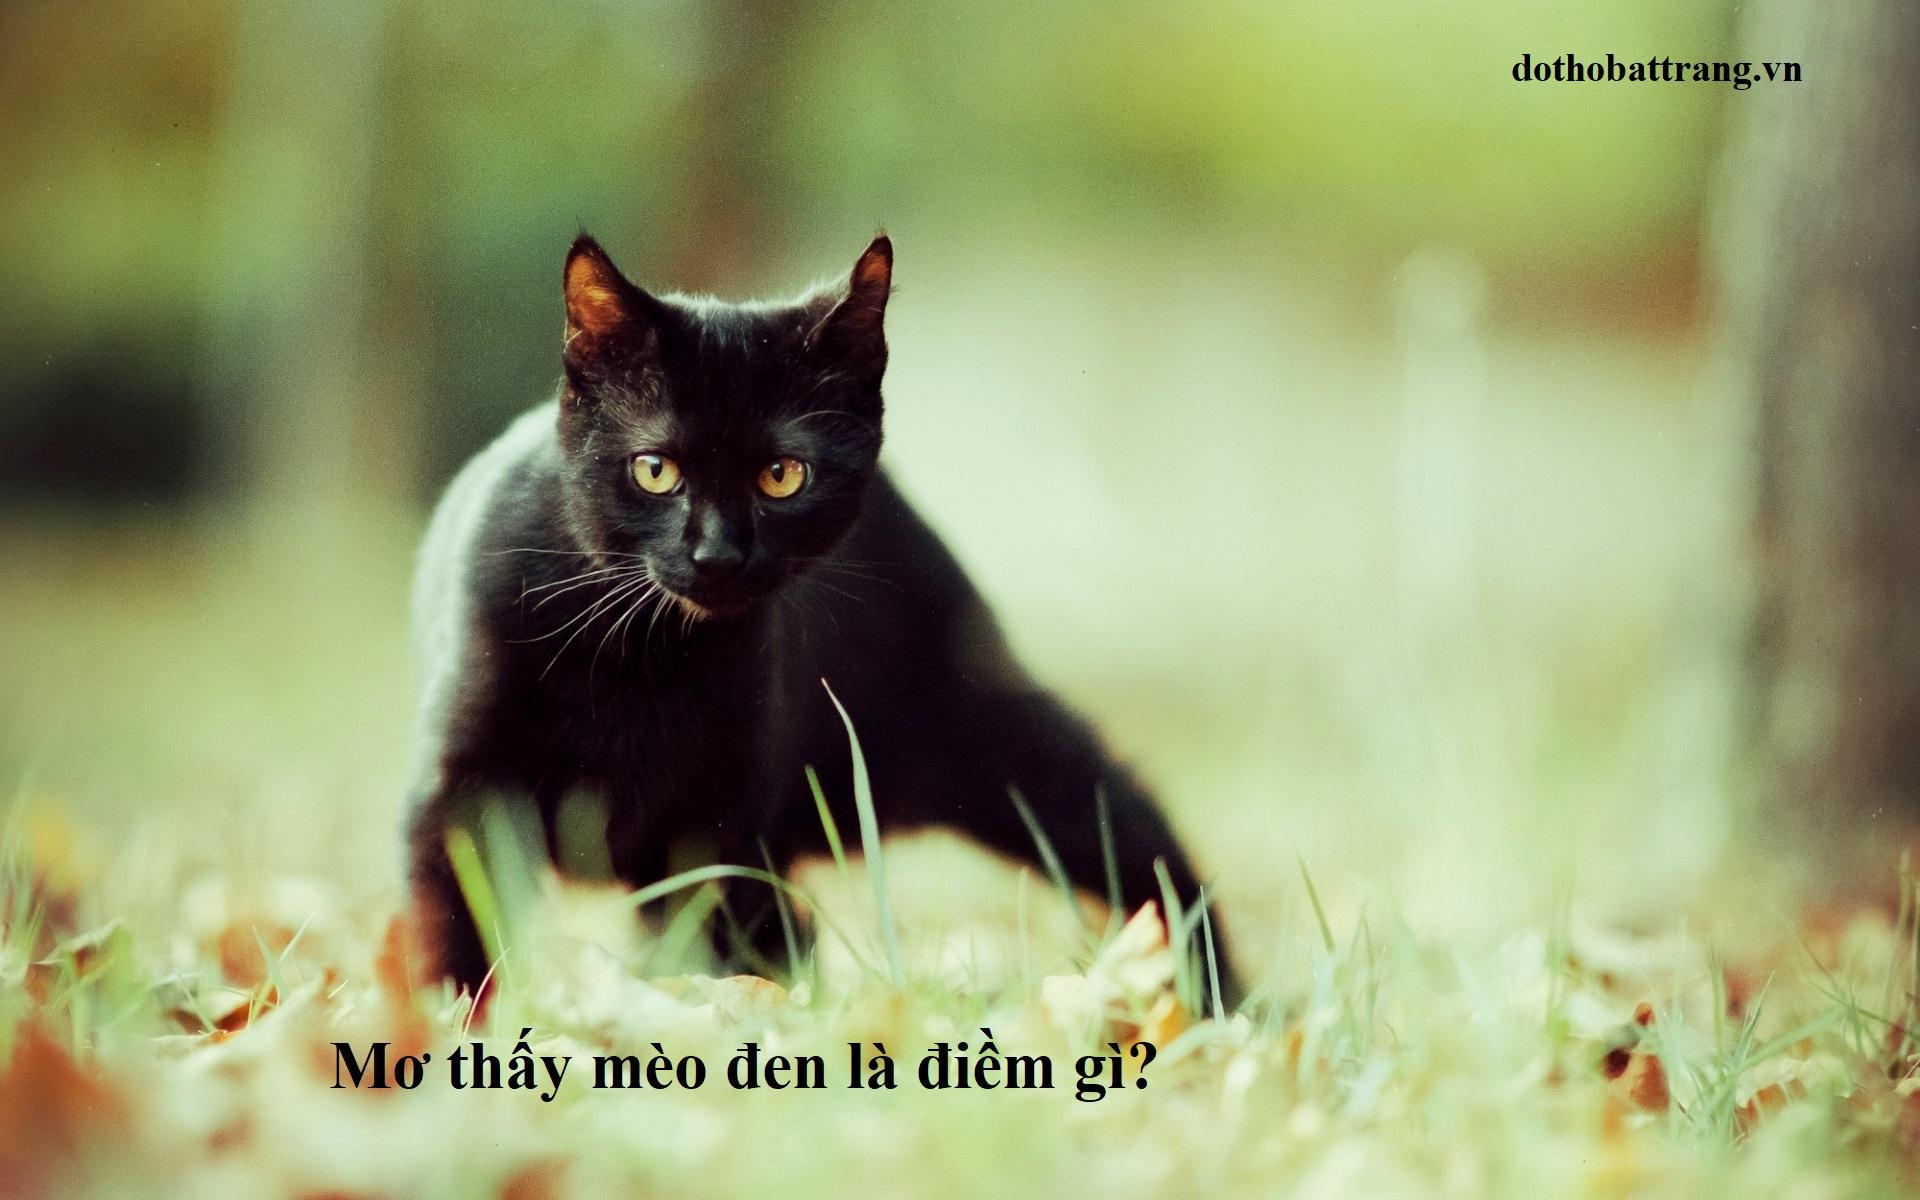 mèo vào nhà hên hay xui